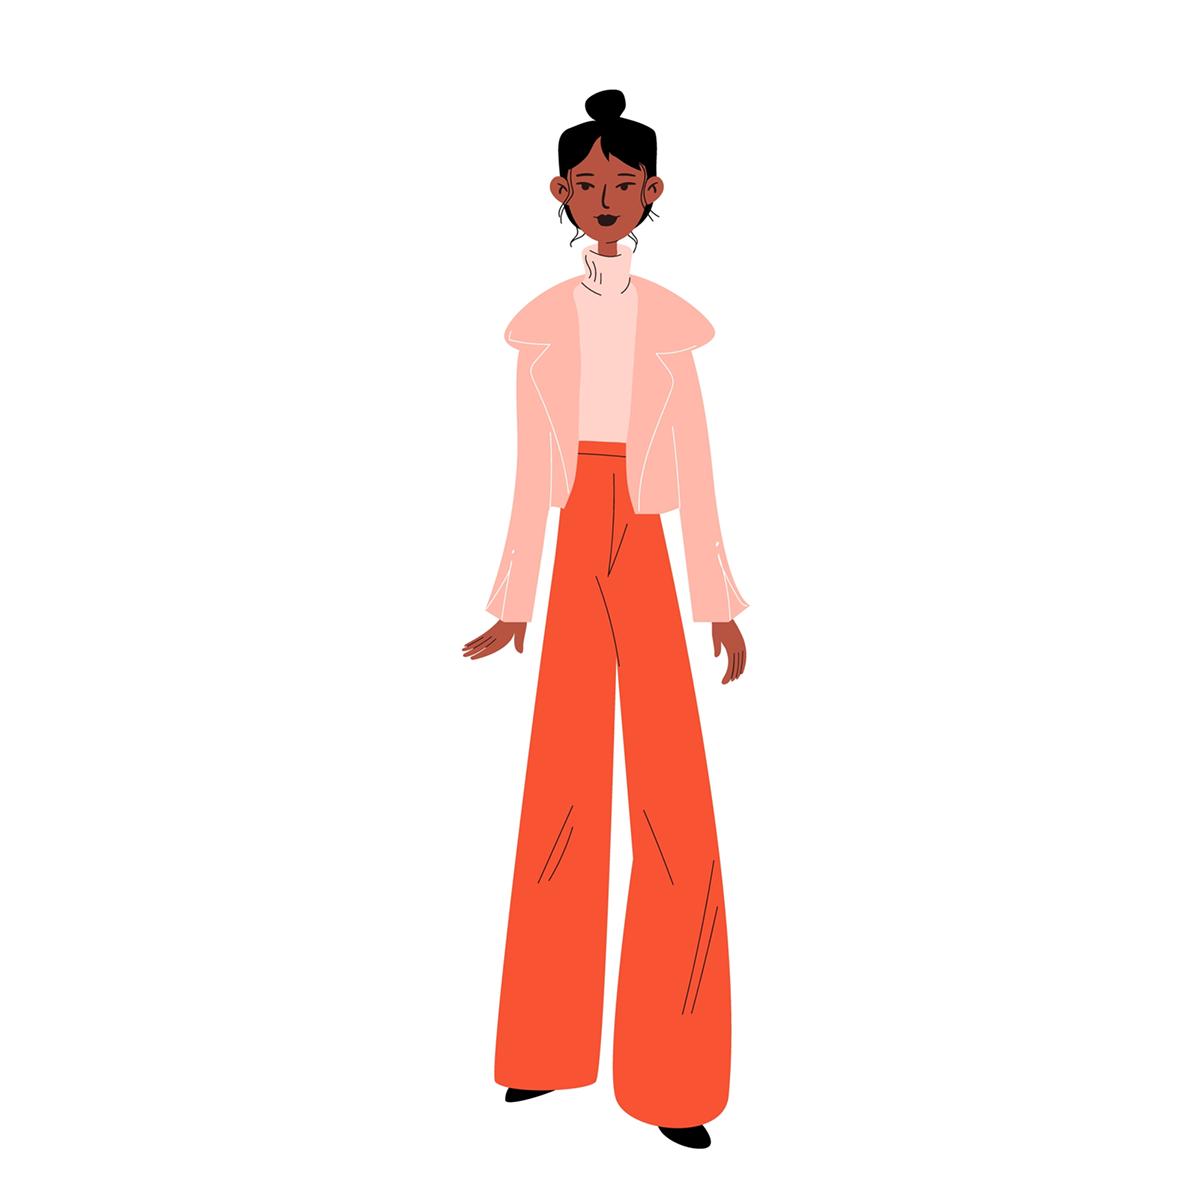 12 màu sắc trang phục tiết lộ tính cách bạn gái - 8